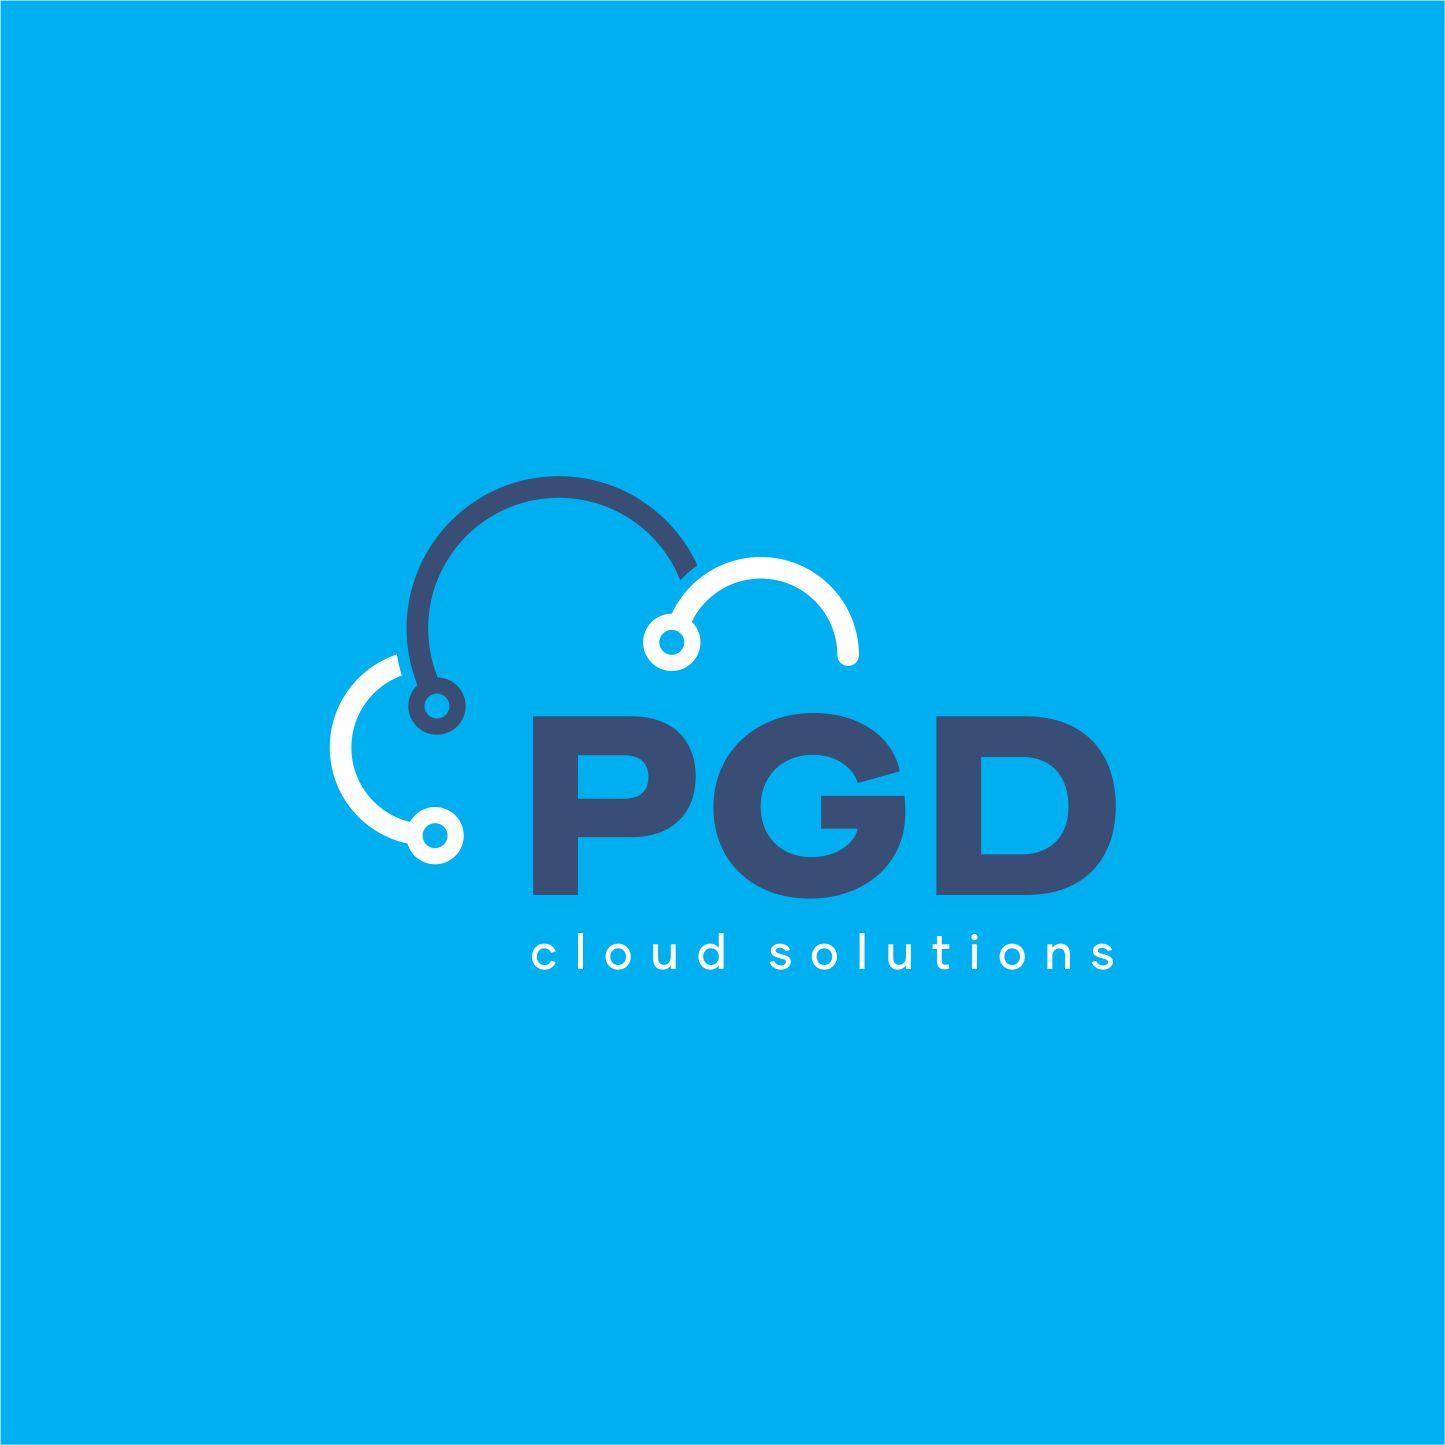 pgd-cloud